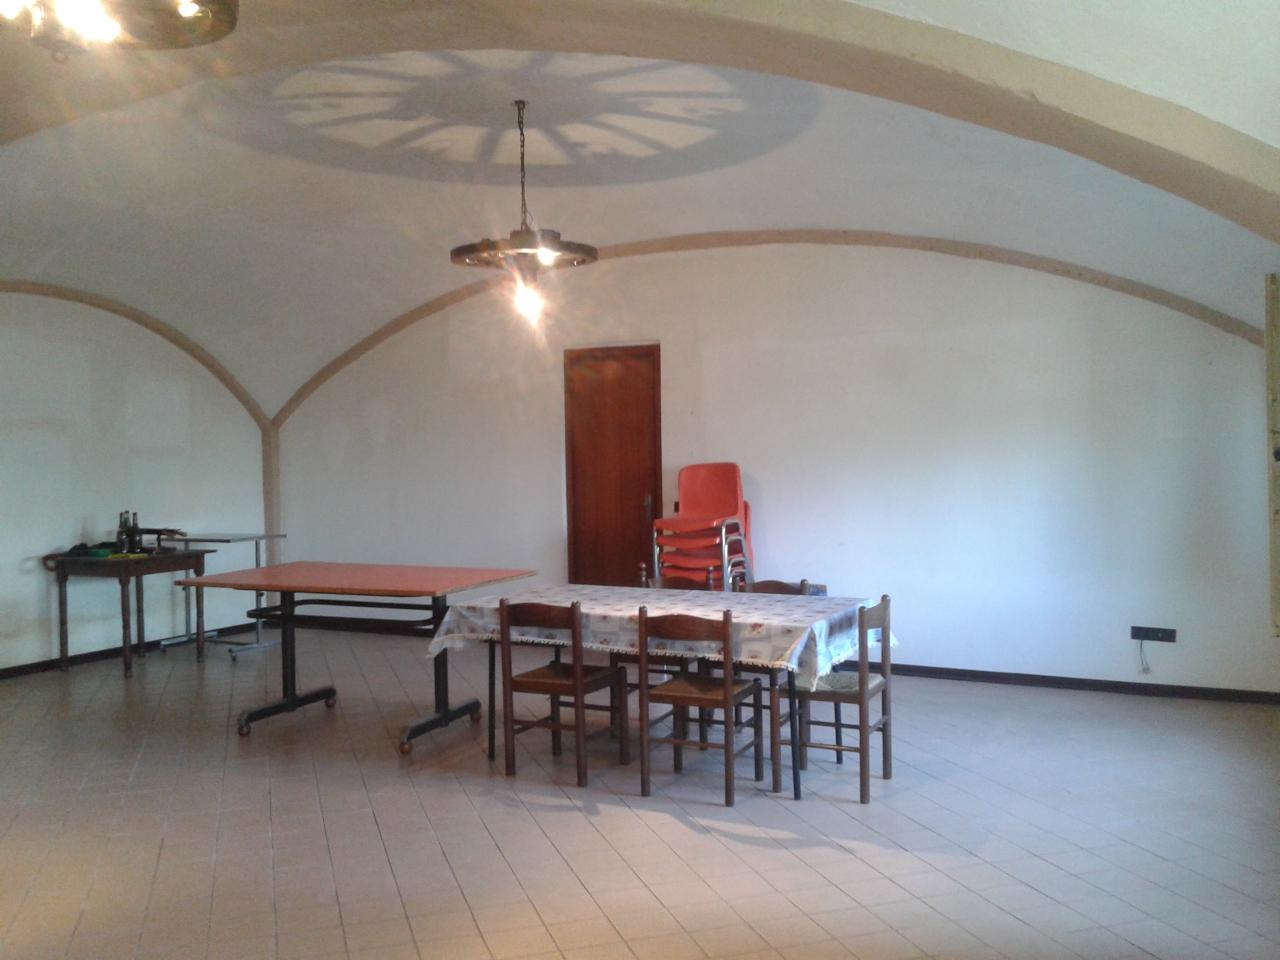 Soluzione Indipendente in vendita a Granozzo con Monticello, 4 locali, zona Zona: Monticello, prezzo € 270.000 | Cambio Casa.it